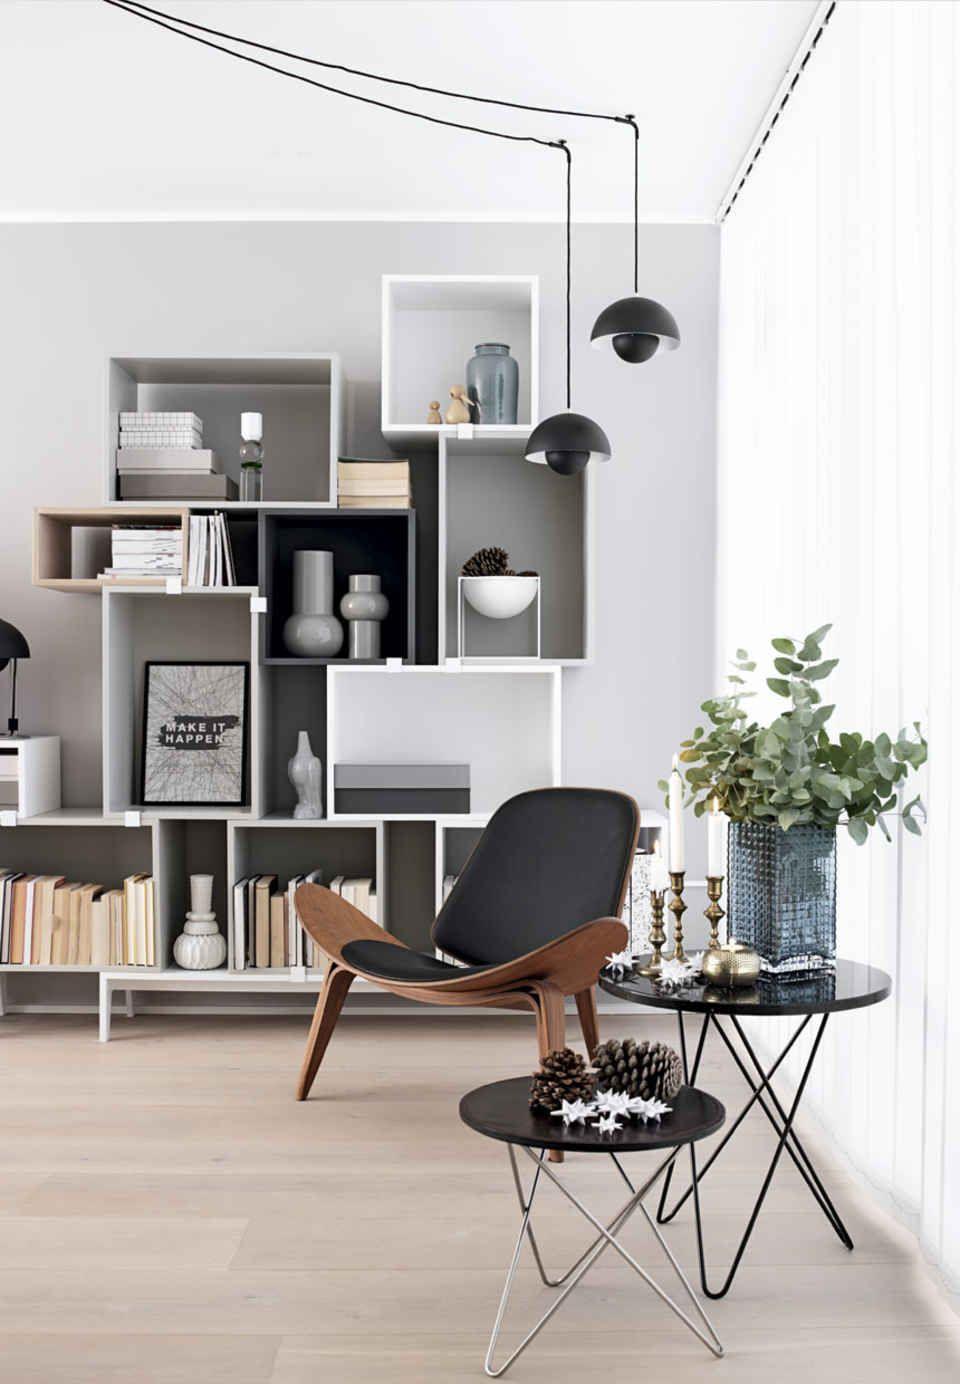 50 Examples Of Beautiful Scandinavian Interior Design Ultralinx Scandinavian Design Living Room House Interior Living Room Scandinavian